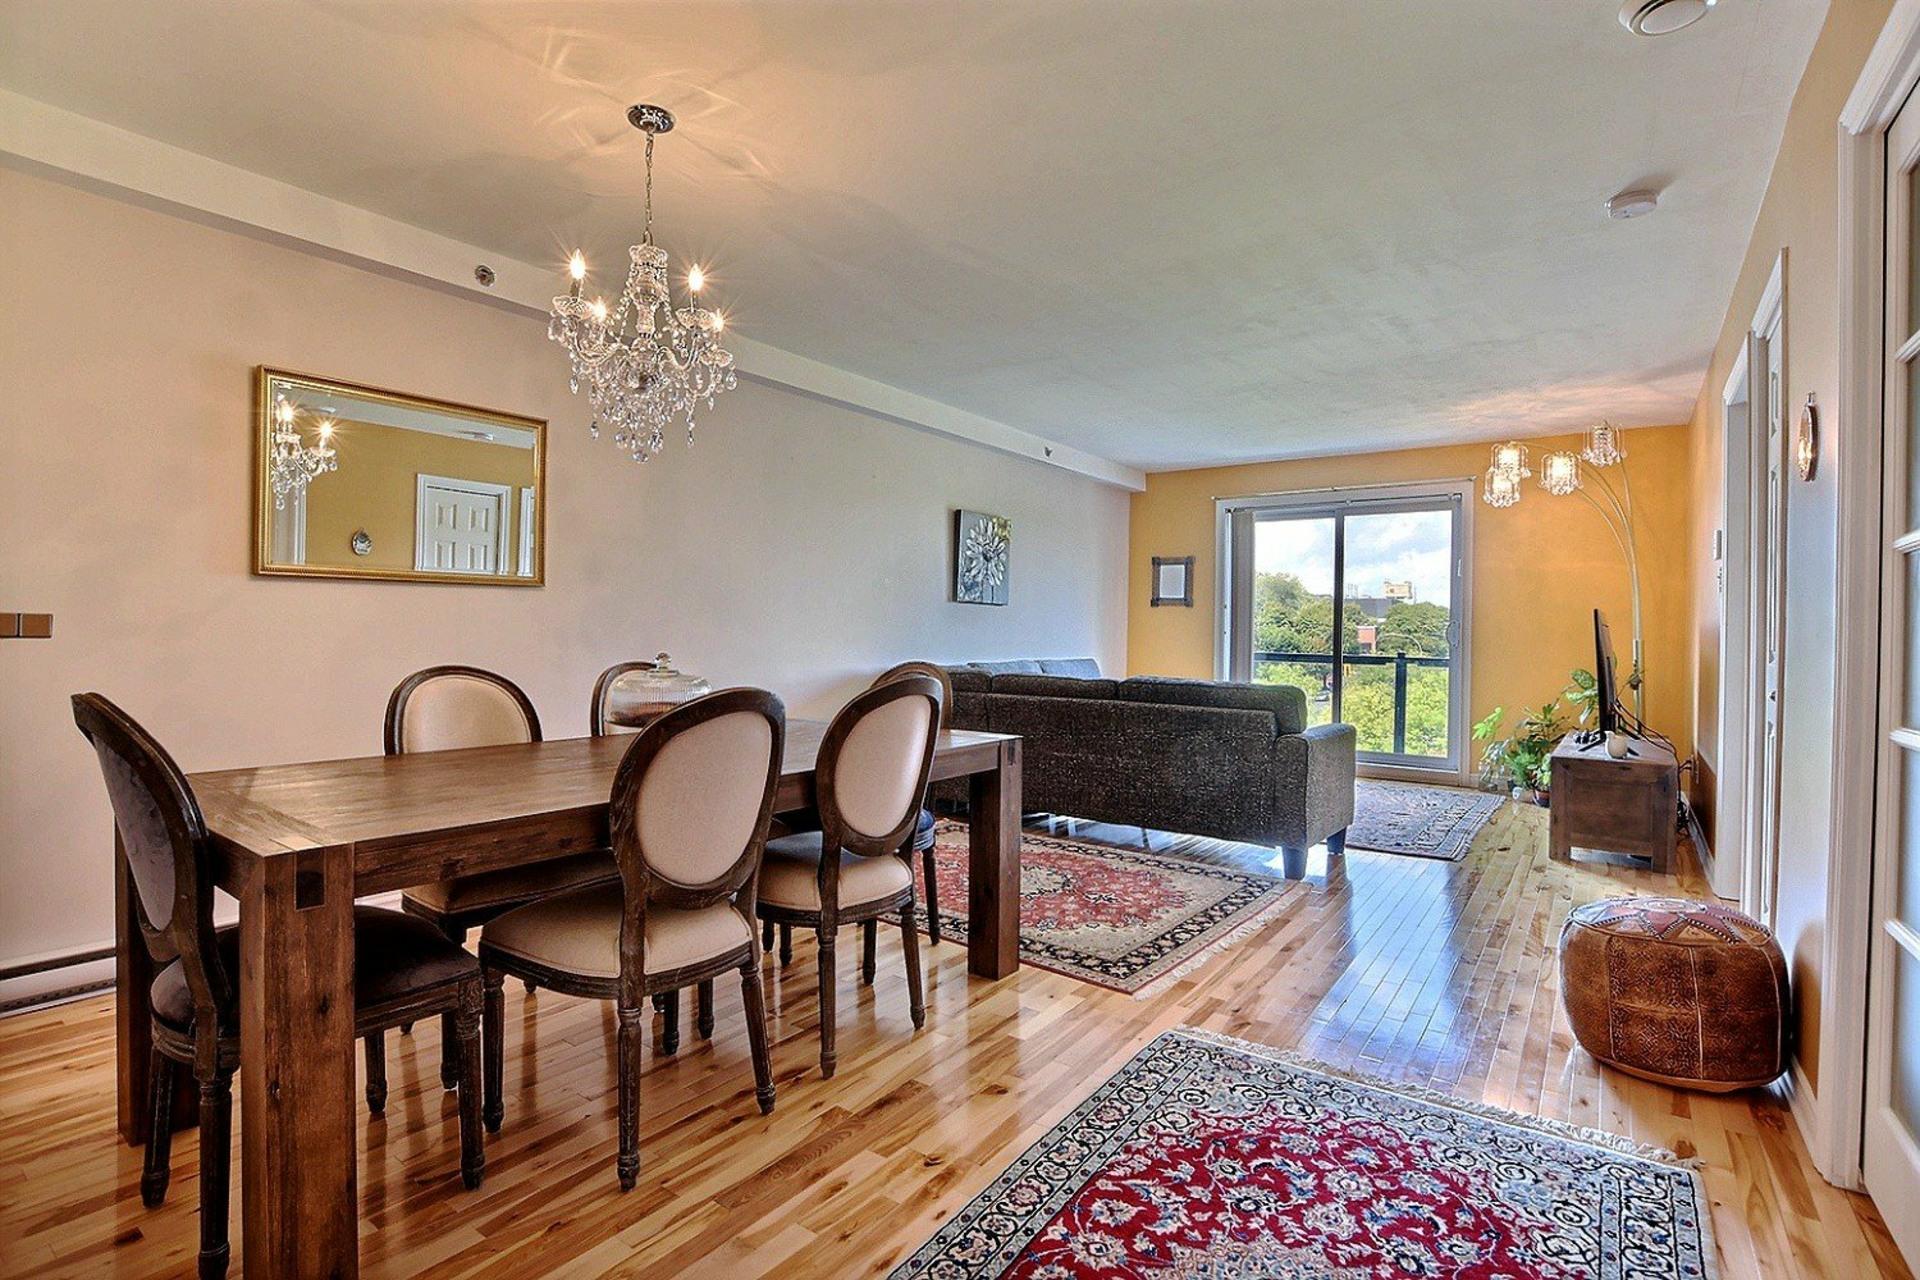 image 3 - Apartment For sale Montréal Côte-des-Neiges/Notre-Dame-de-Grâce  - 4 rooms